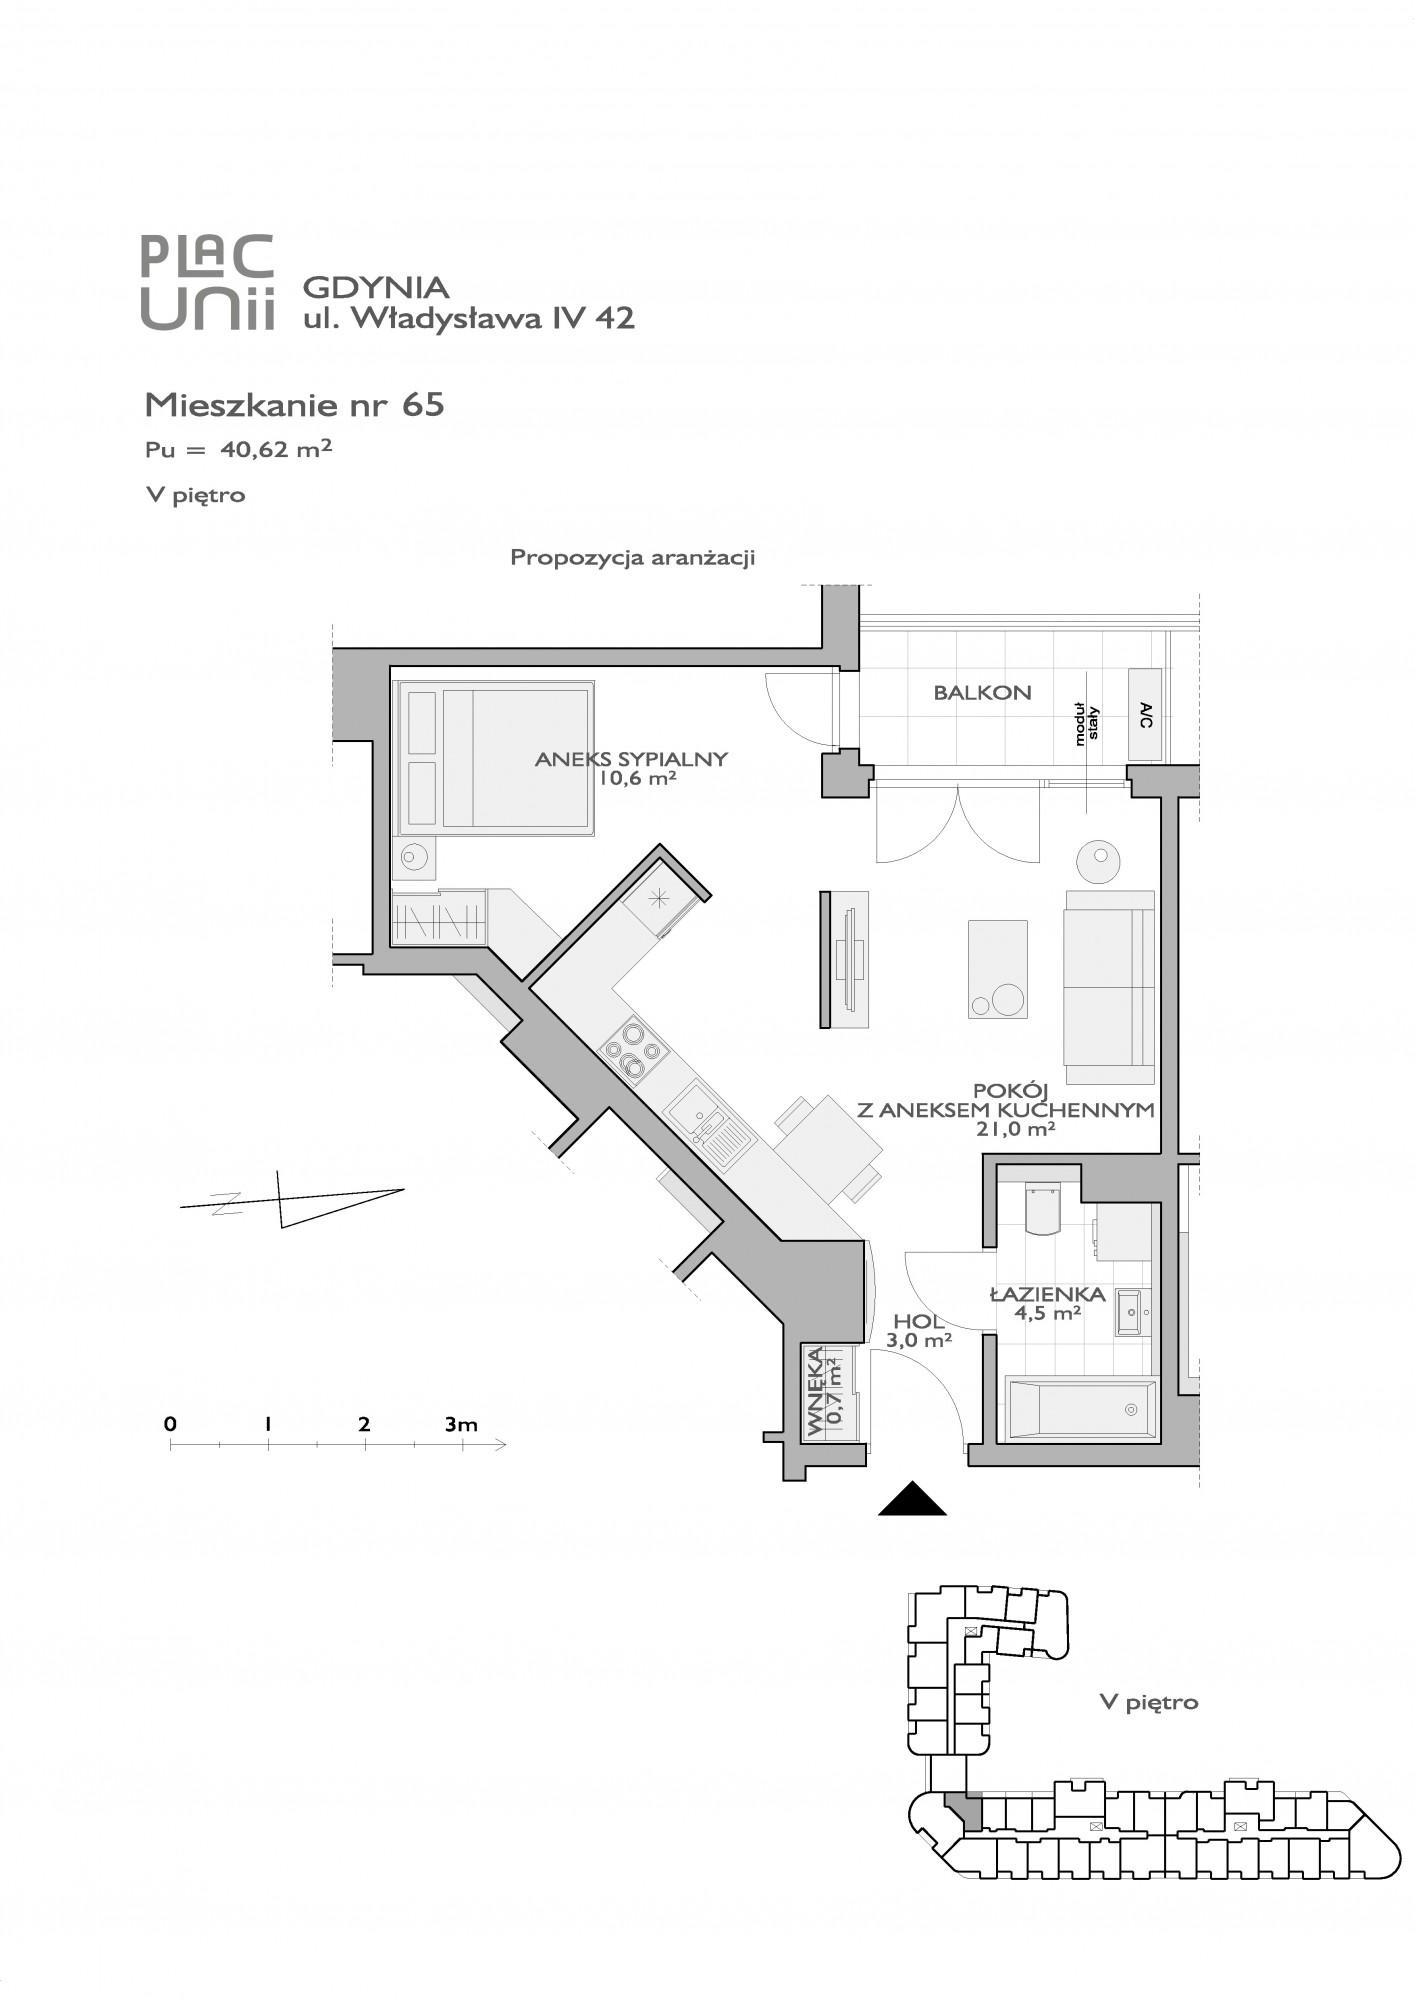 Karta lokalu Gdynia, ul. Obrońców Wybrzeża nr PU/W/42/65